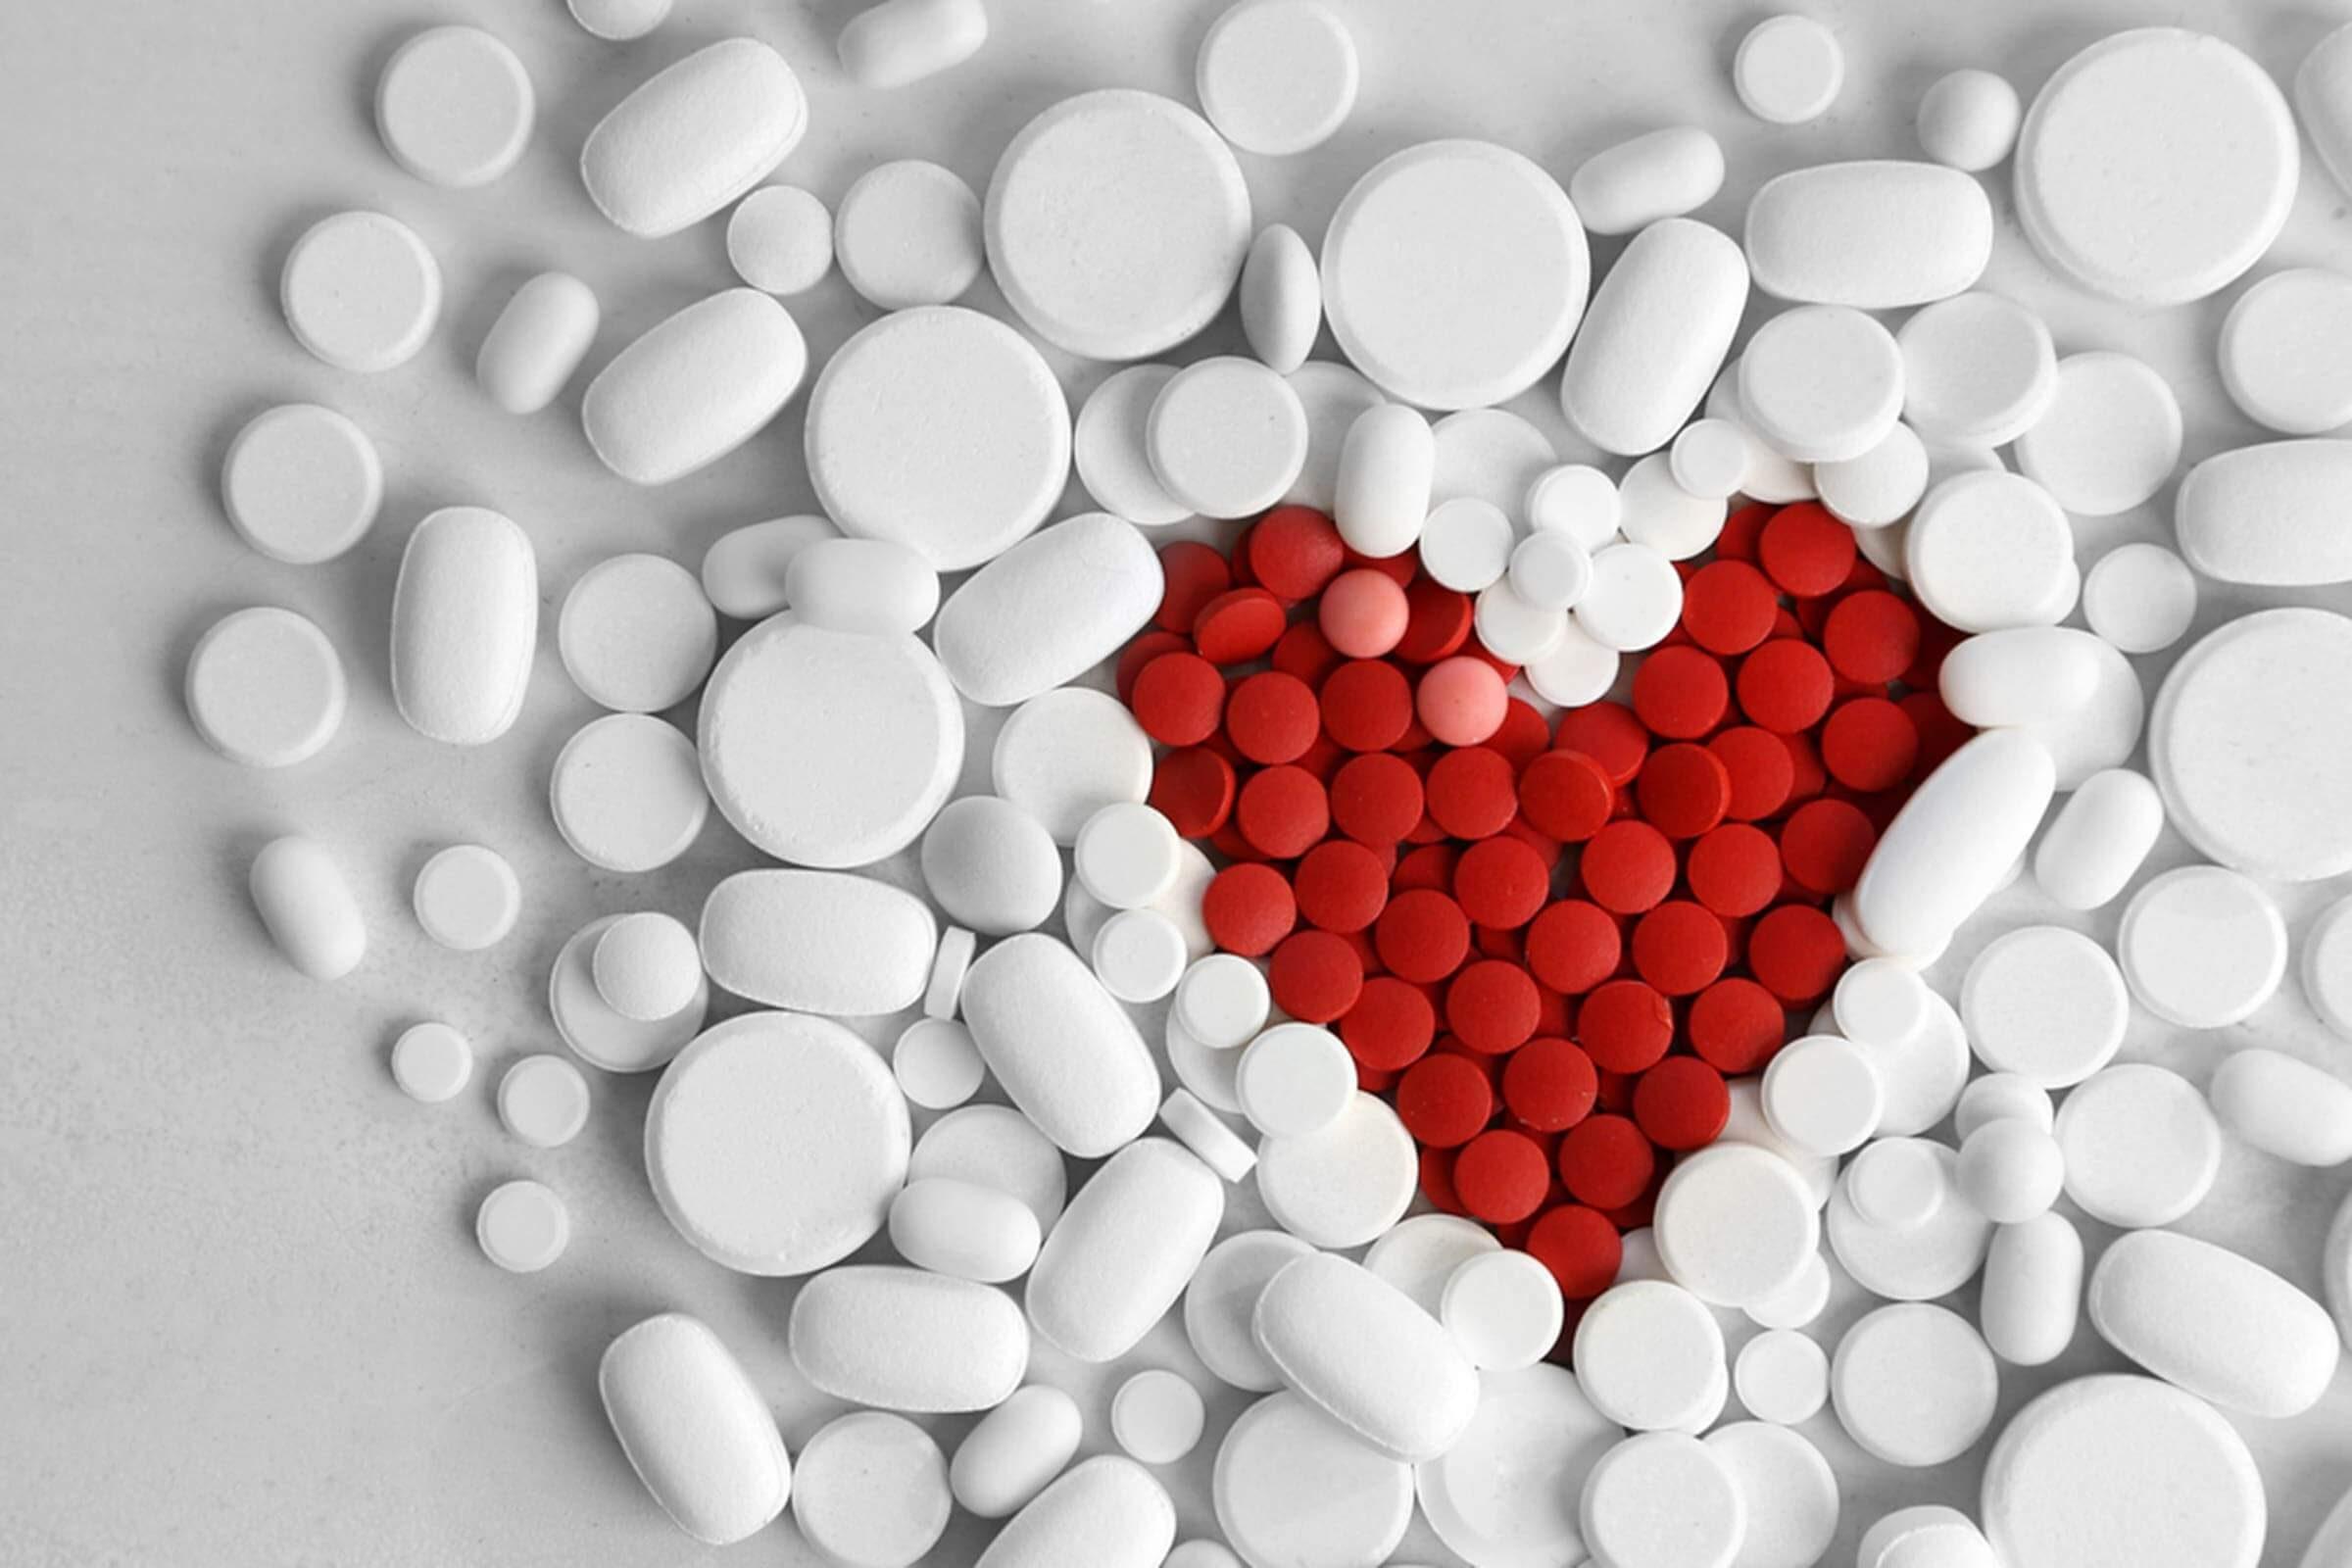 Otc Medication For Heartbreak on Word Search Fun Money